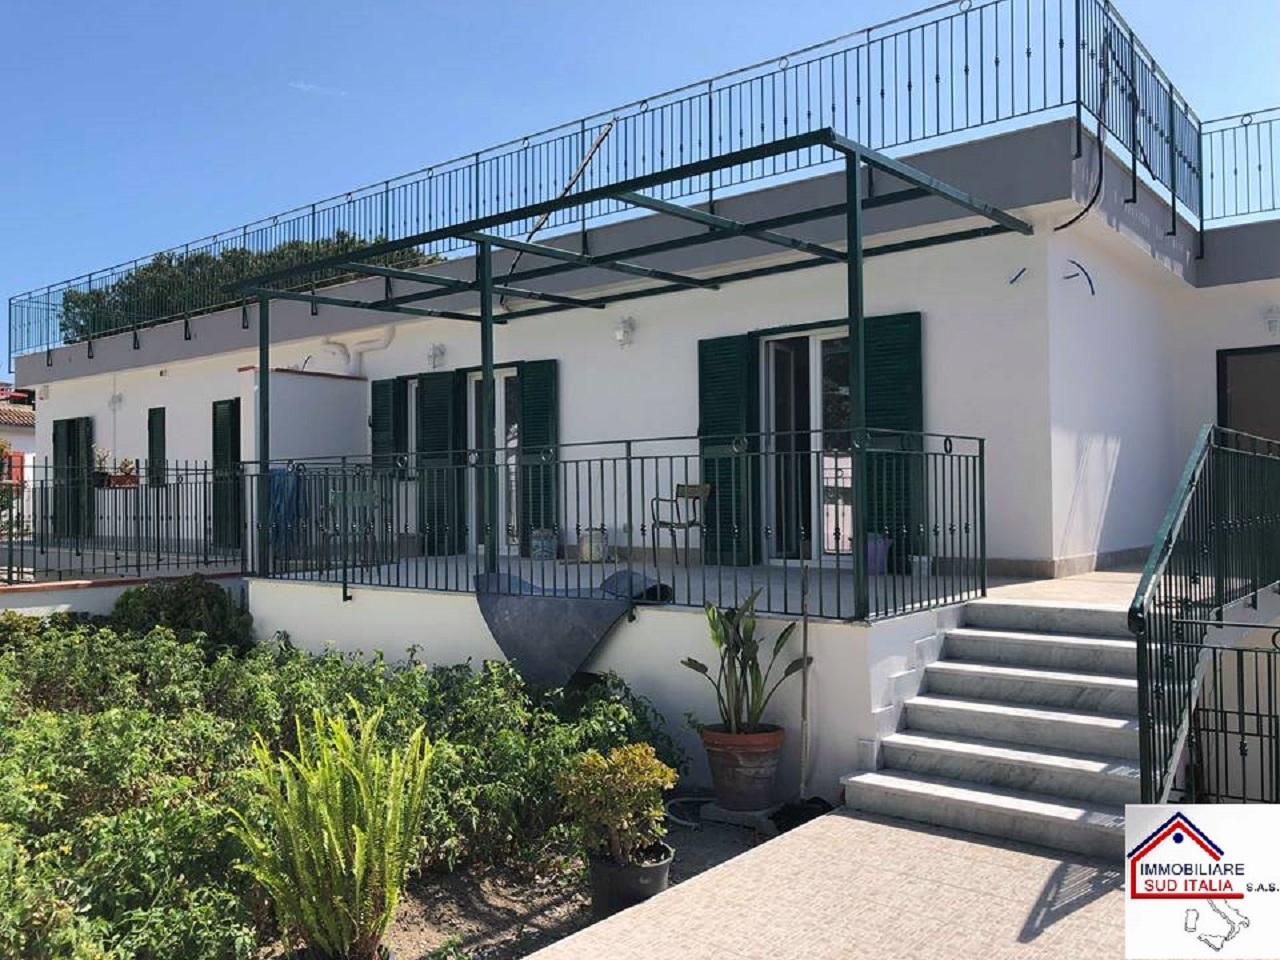 Villa a Schiera in affitto a Pozzuoli, 3 locali, zona Zona: Lucrino, prezzo € 1.300 | CambioCasa.it